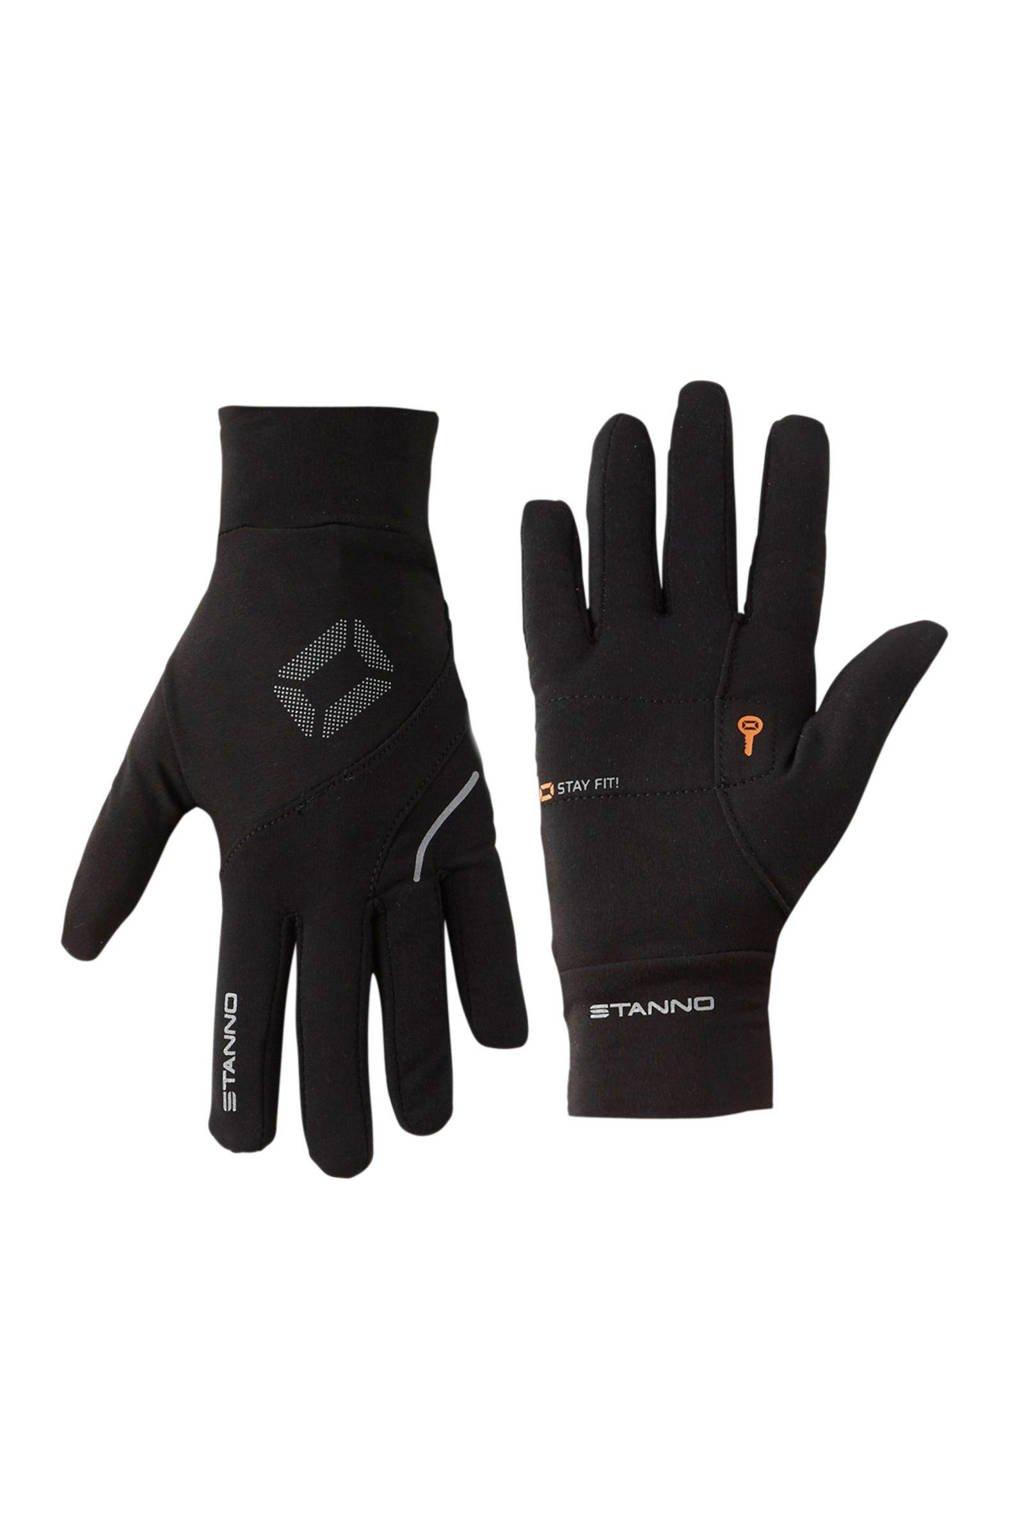 Stanno   hardloop handschoenen, Zwart